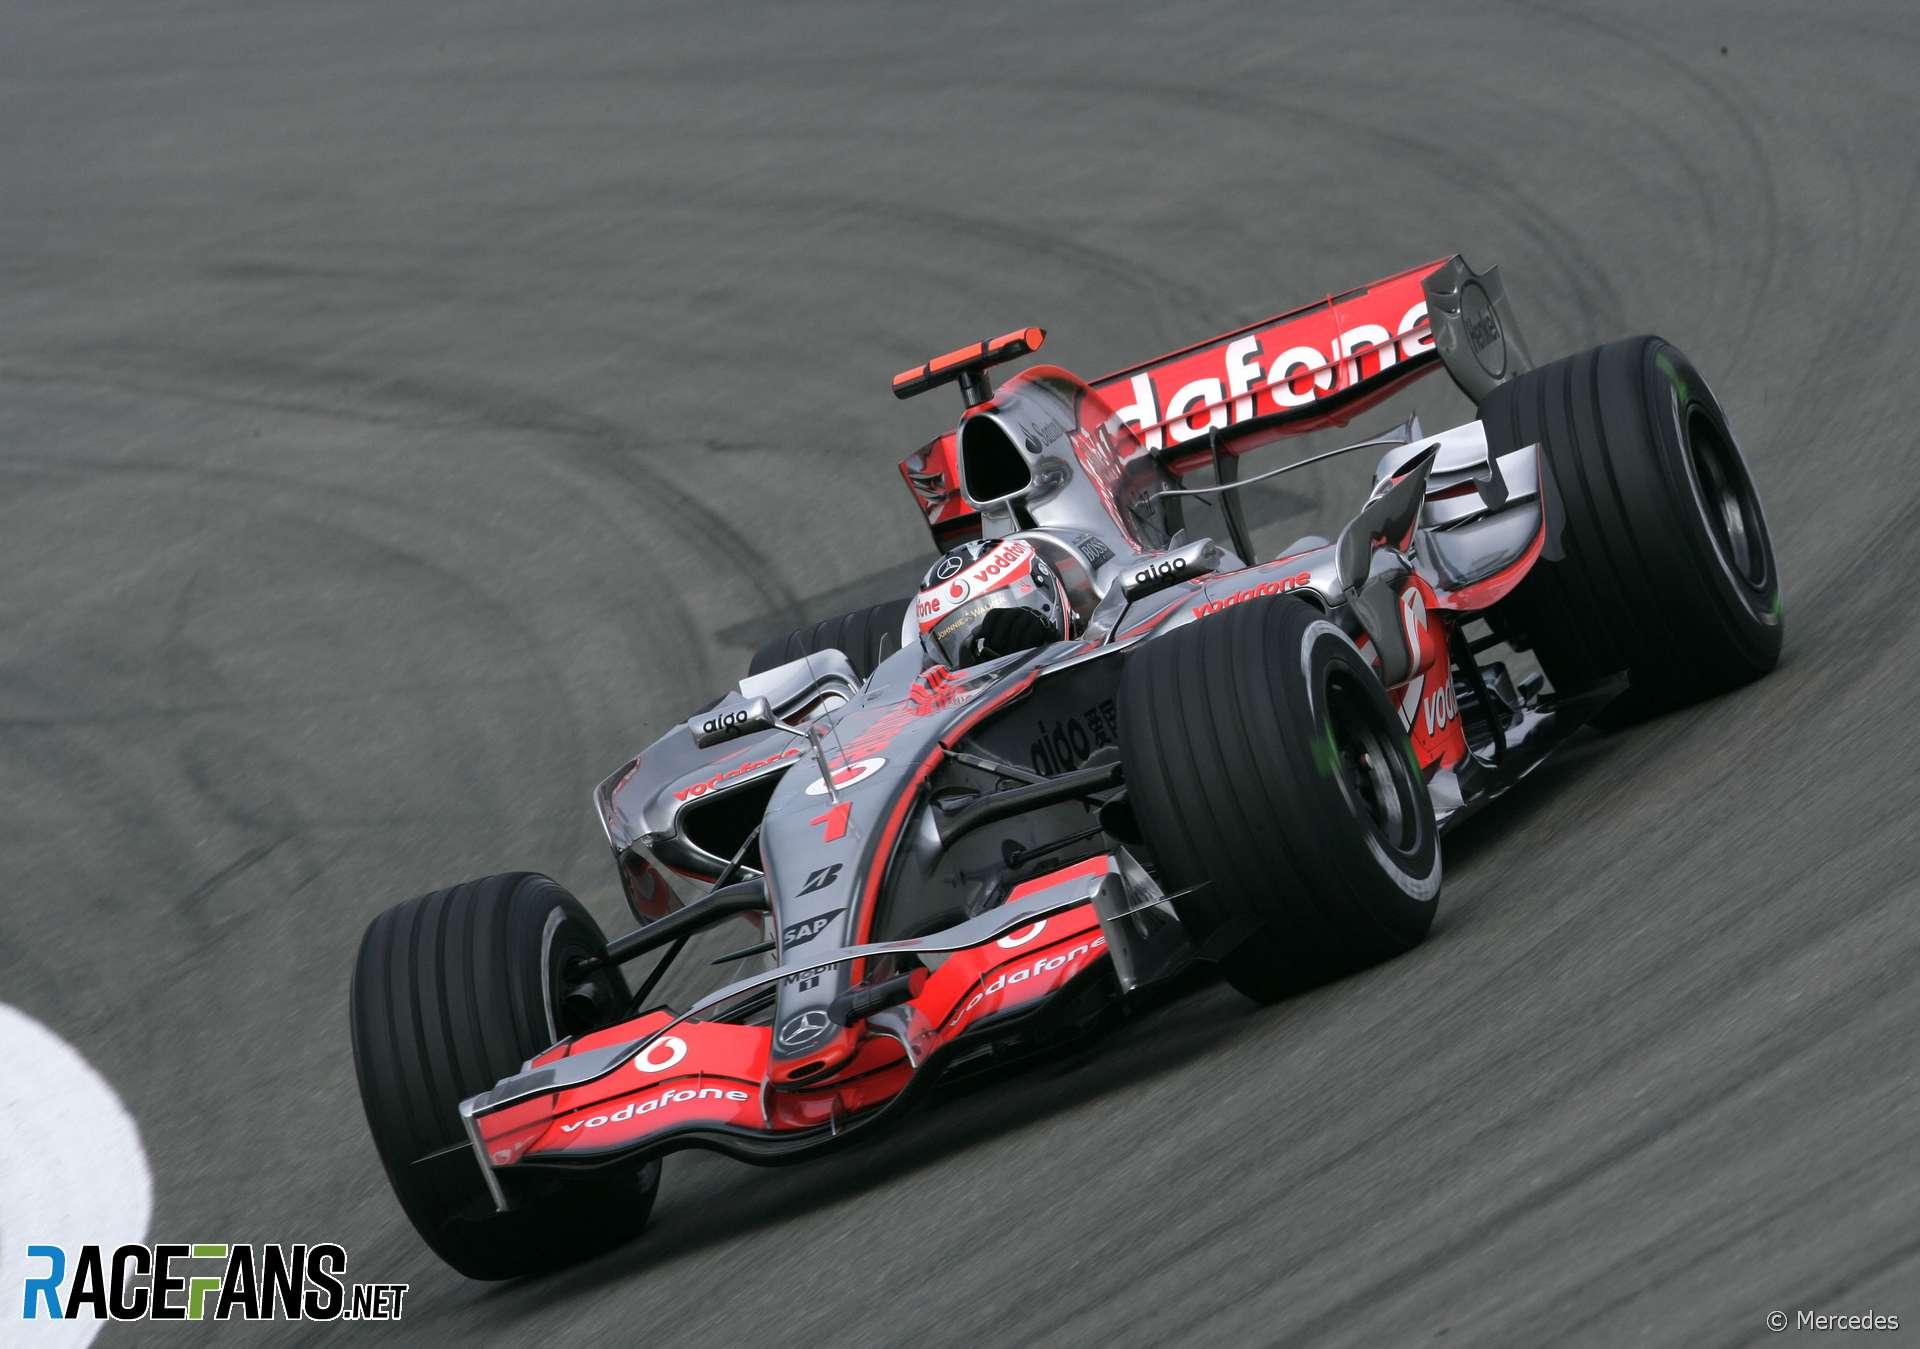 Fernando Alonso, McLaren, Nurburgring, 2007